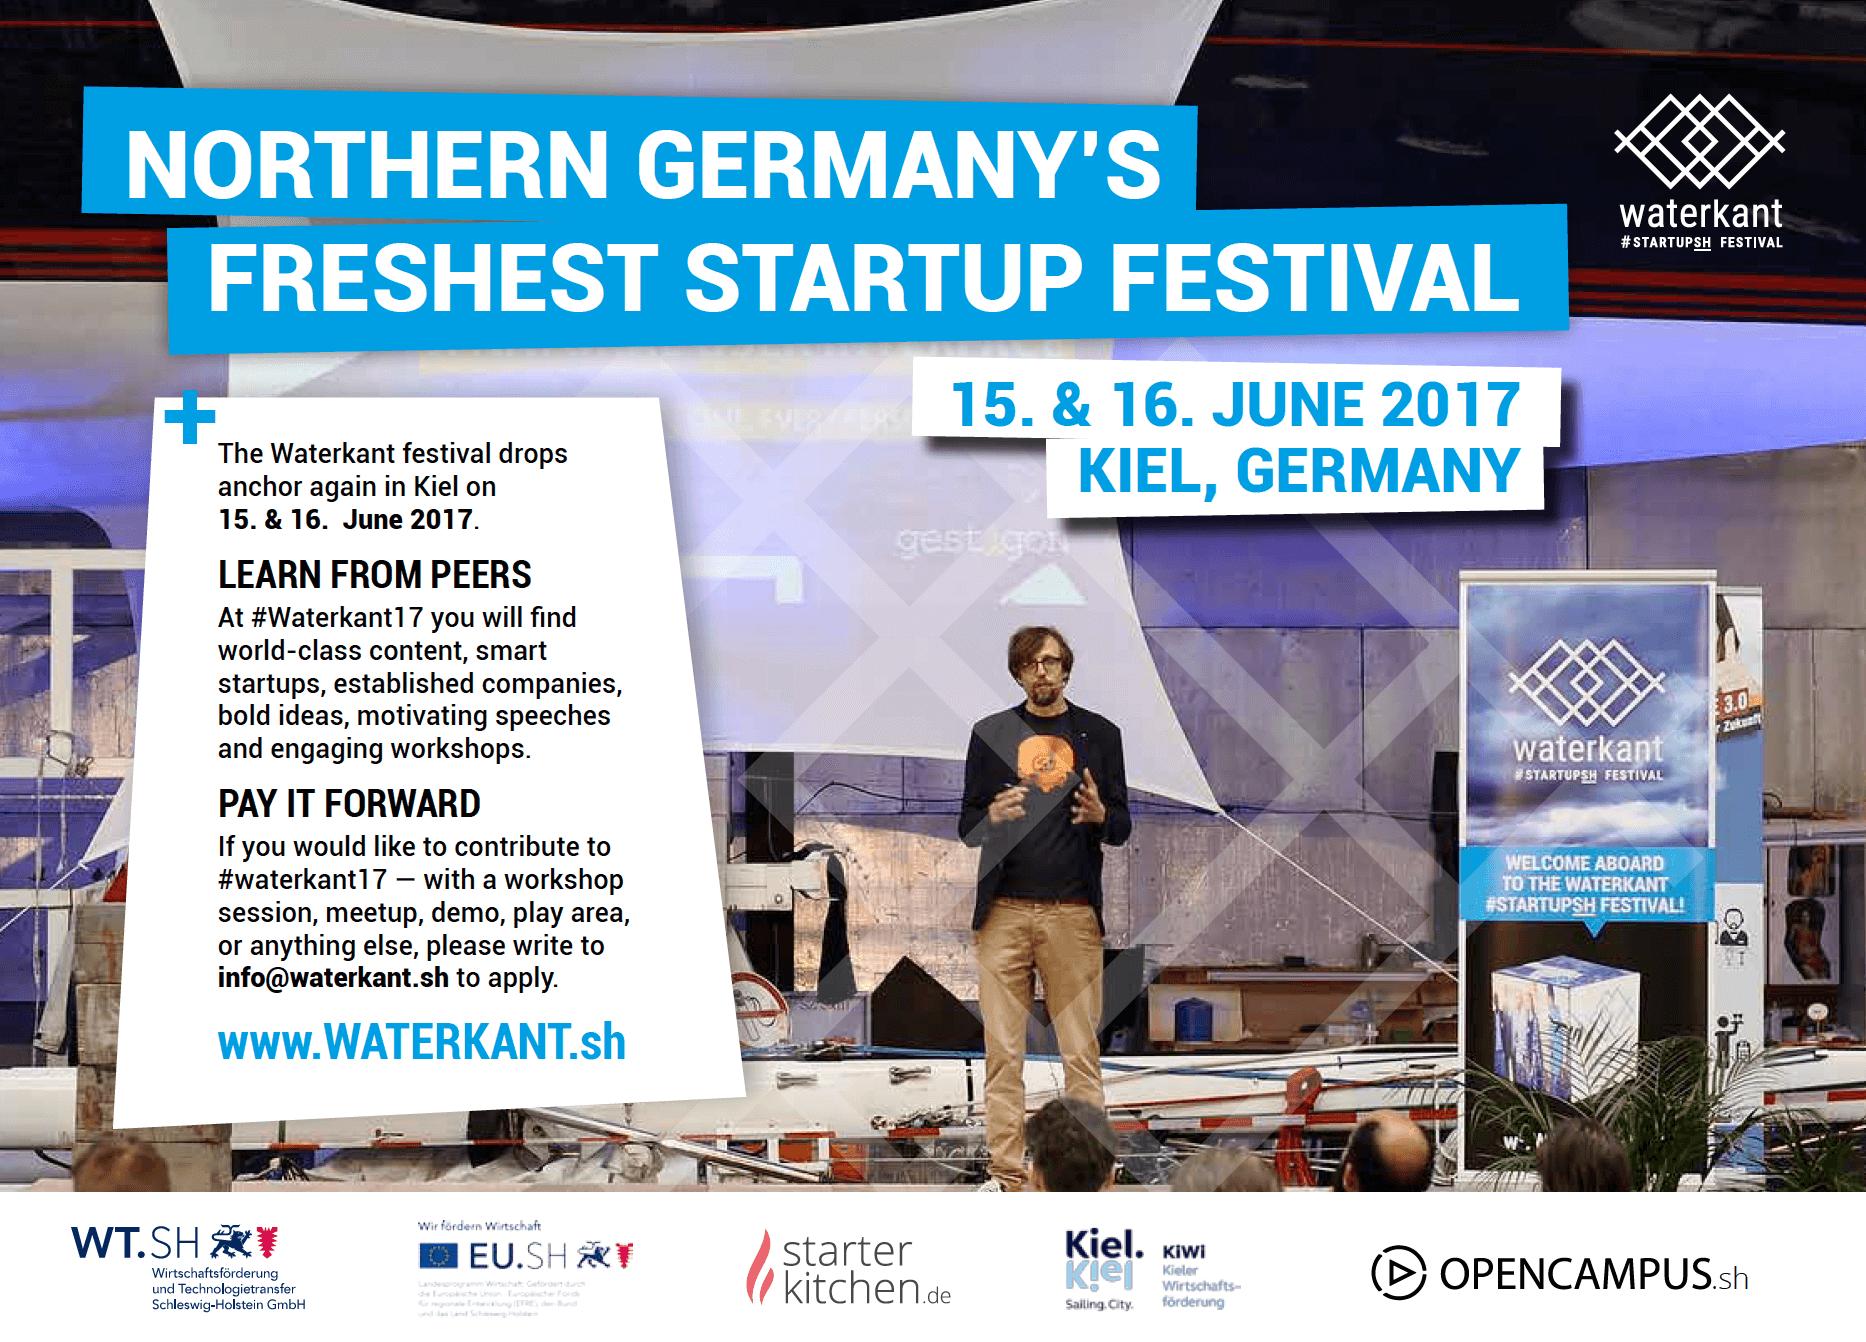 Waterkant #startupSH Festival 2017